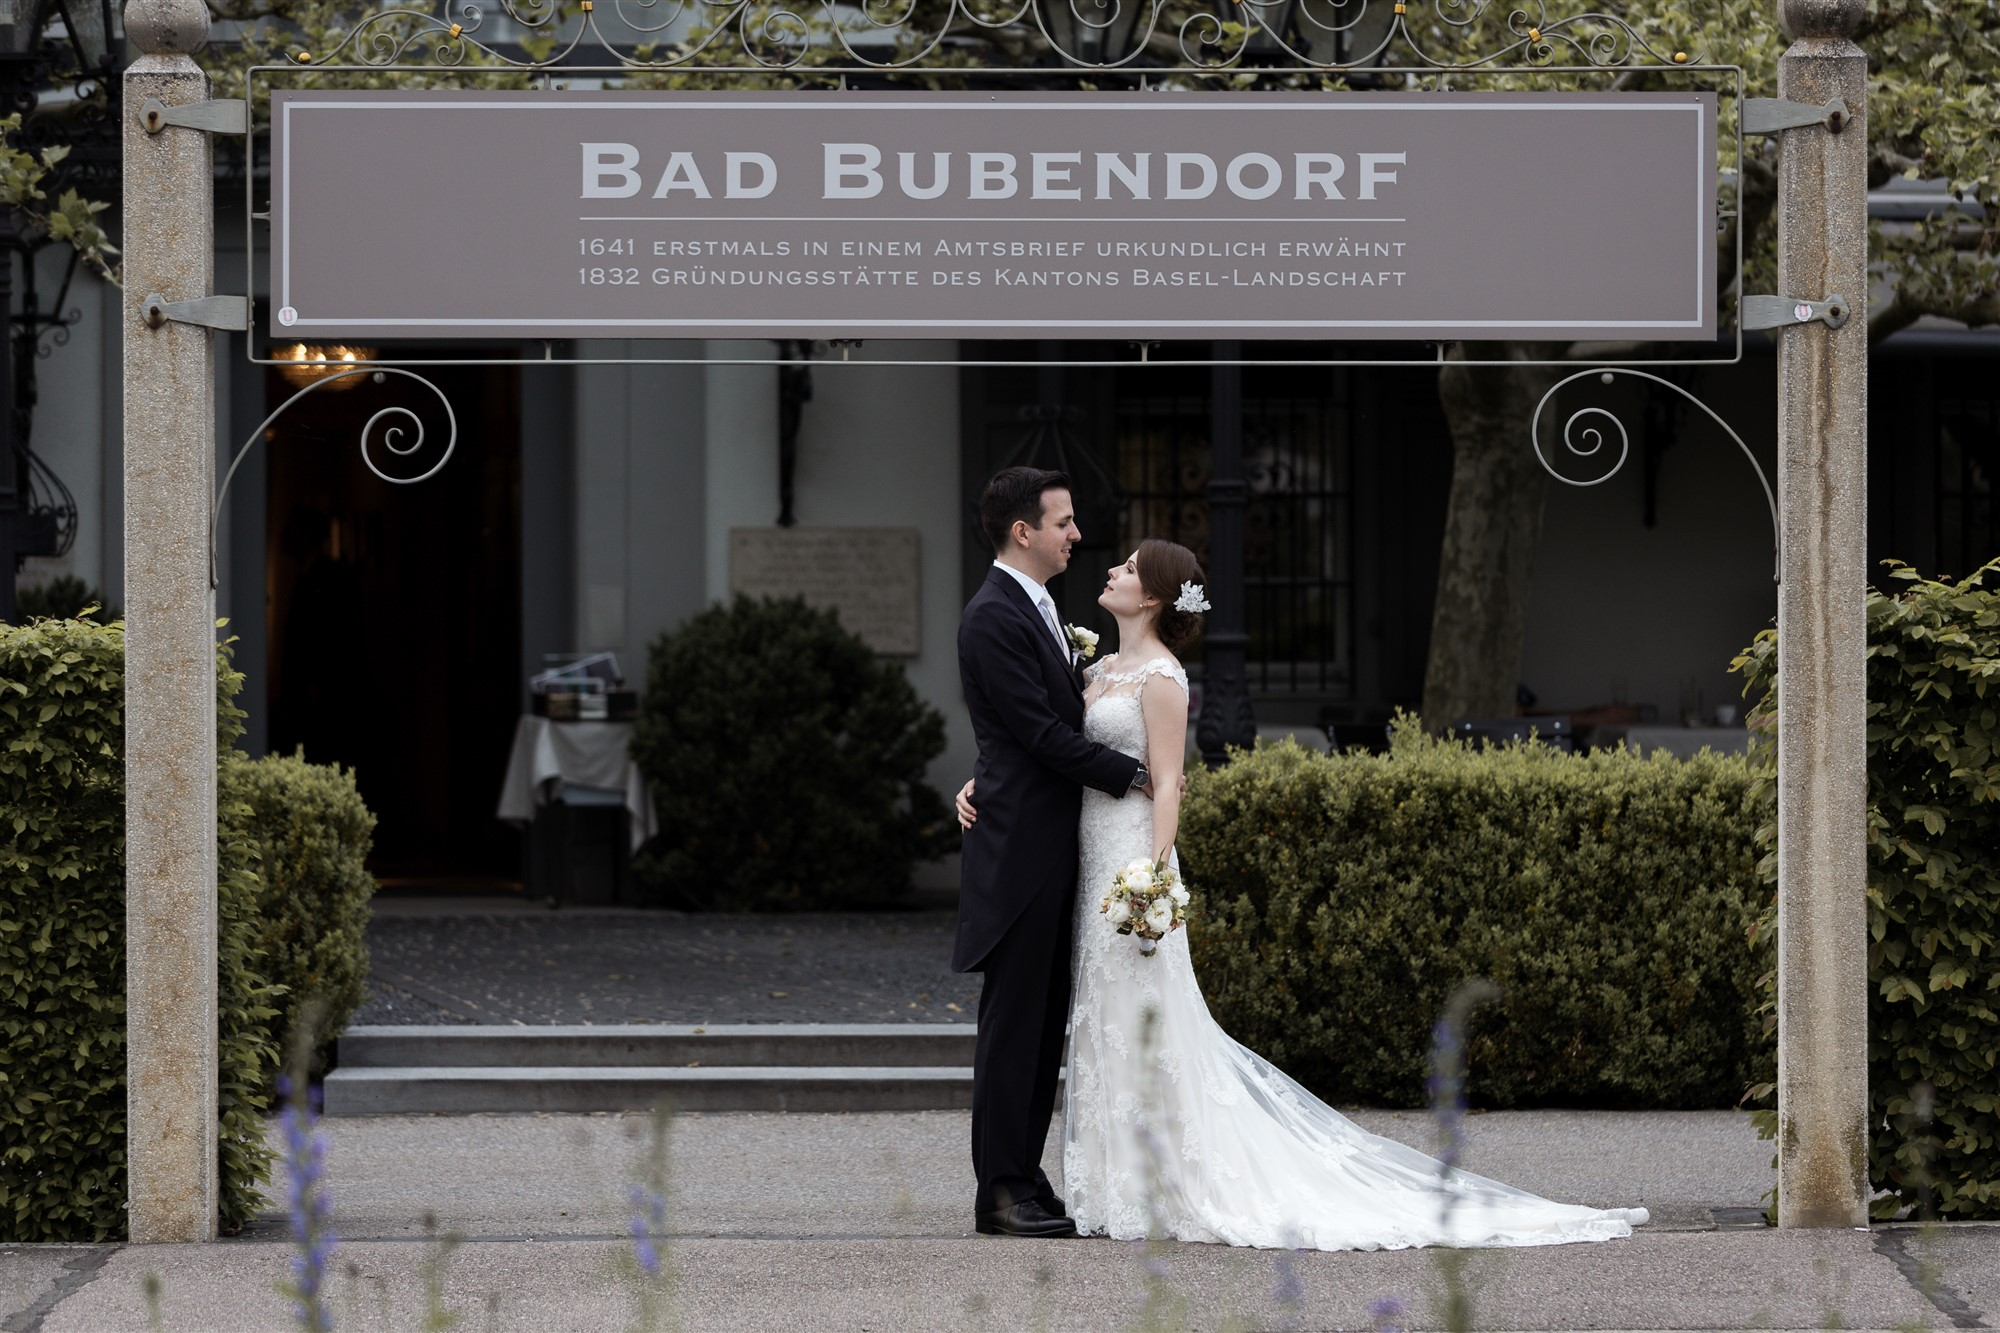 Das Brautpaar steht vor dem Eingang zum Bad Bubendorf